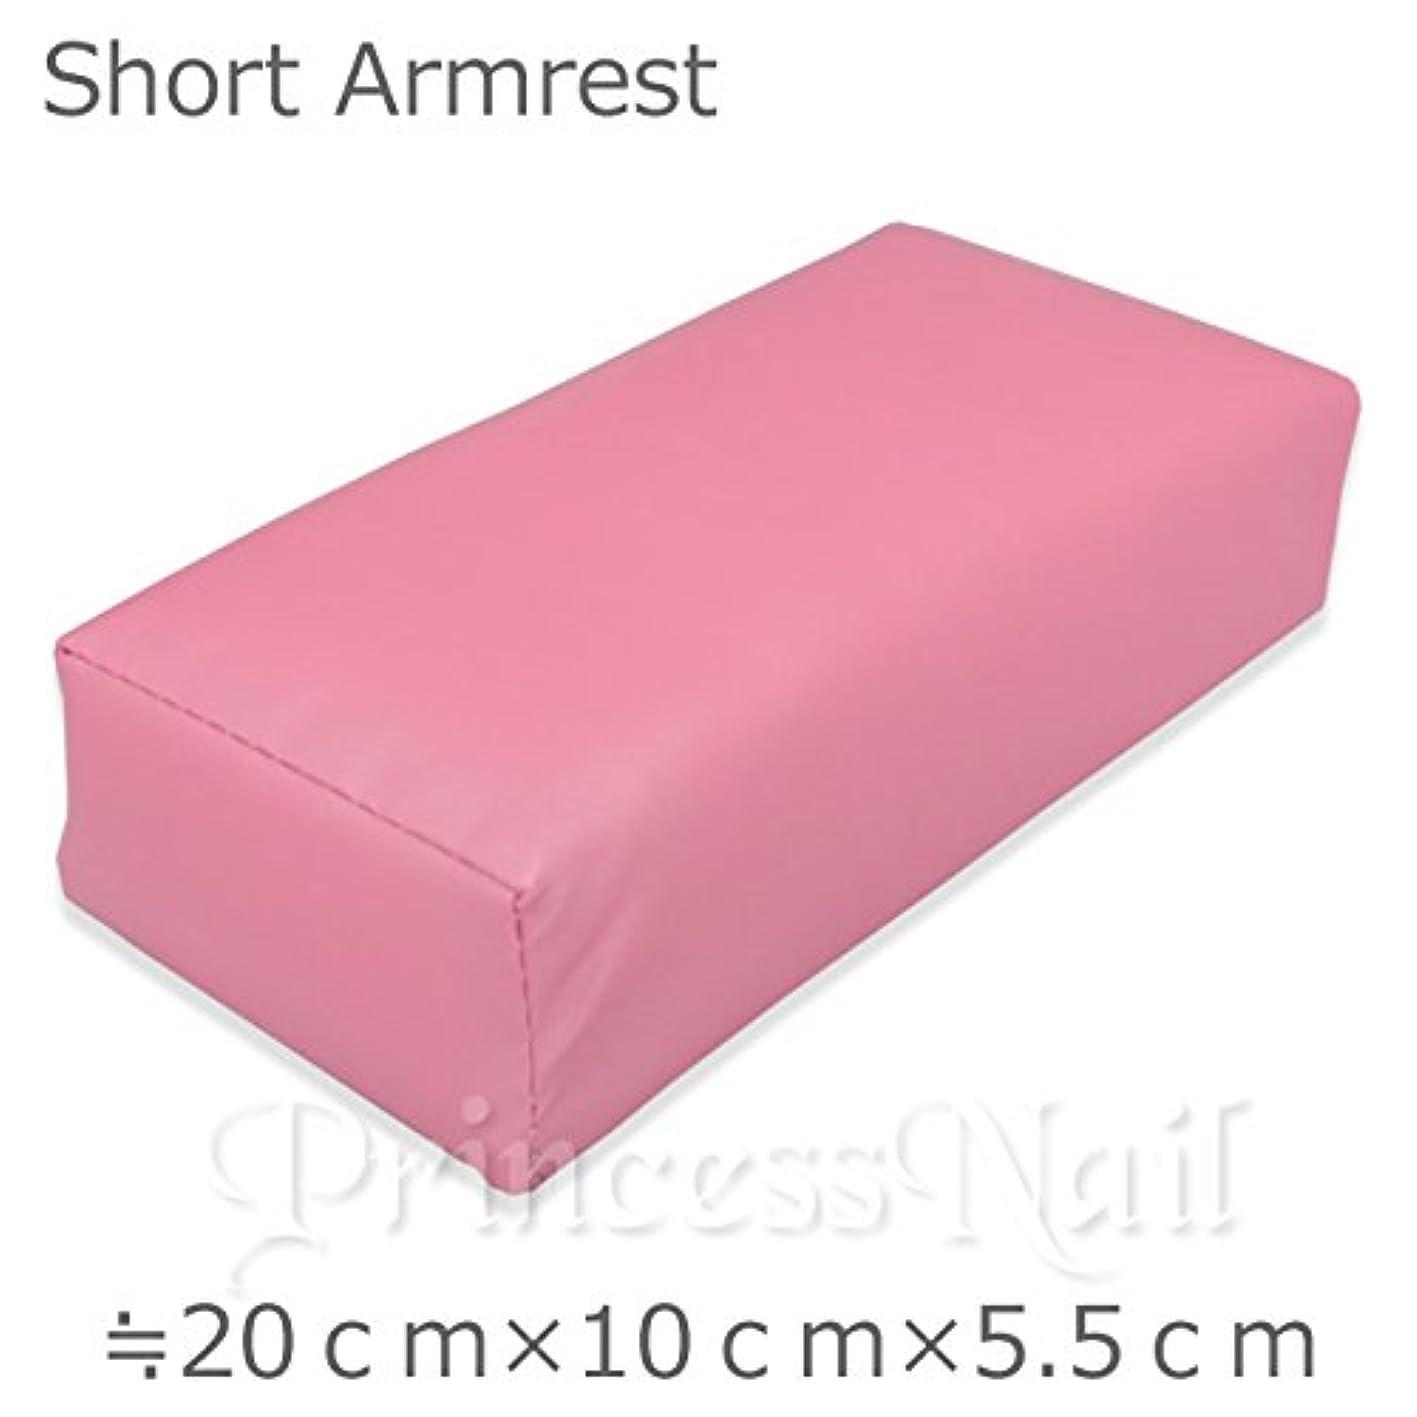 配るハンカチ第九ネイルケア用アームレスト ショートタイプ ハンドピロー 手枕 D10cm×W20cm×H5.5cm ハンド枕